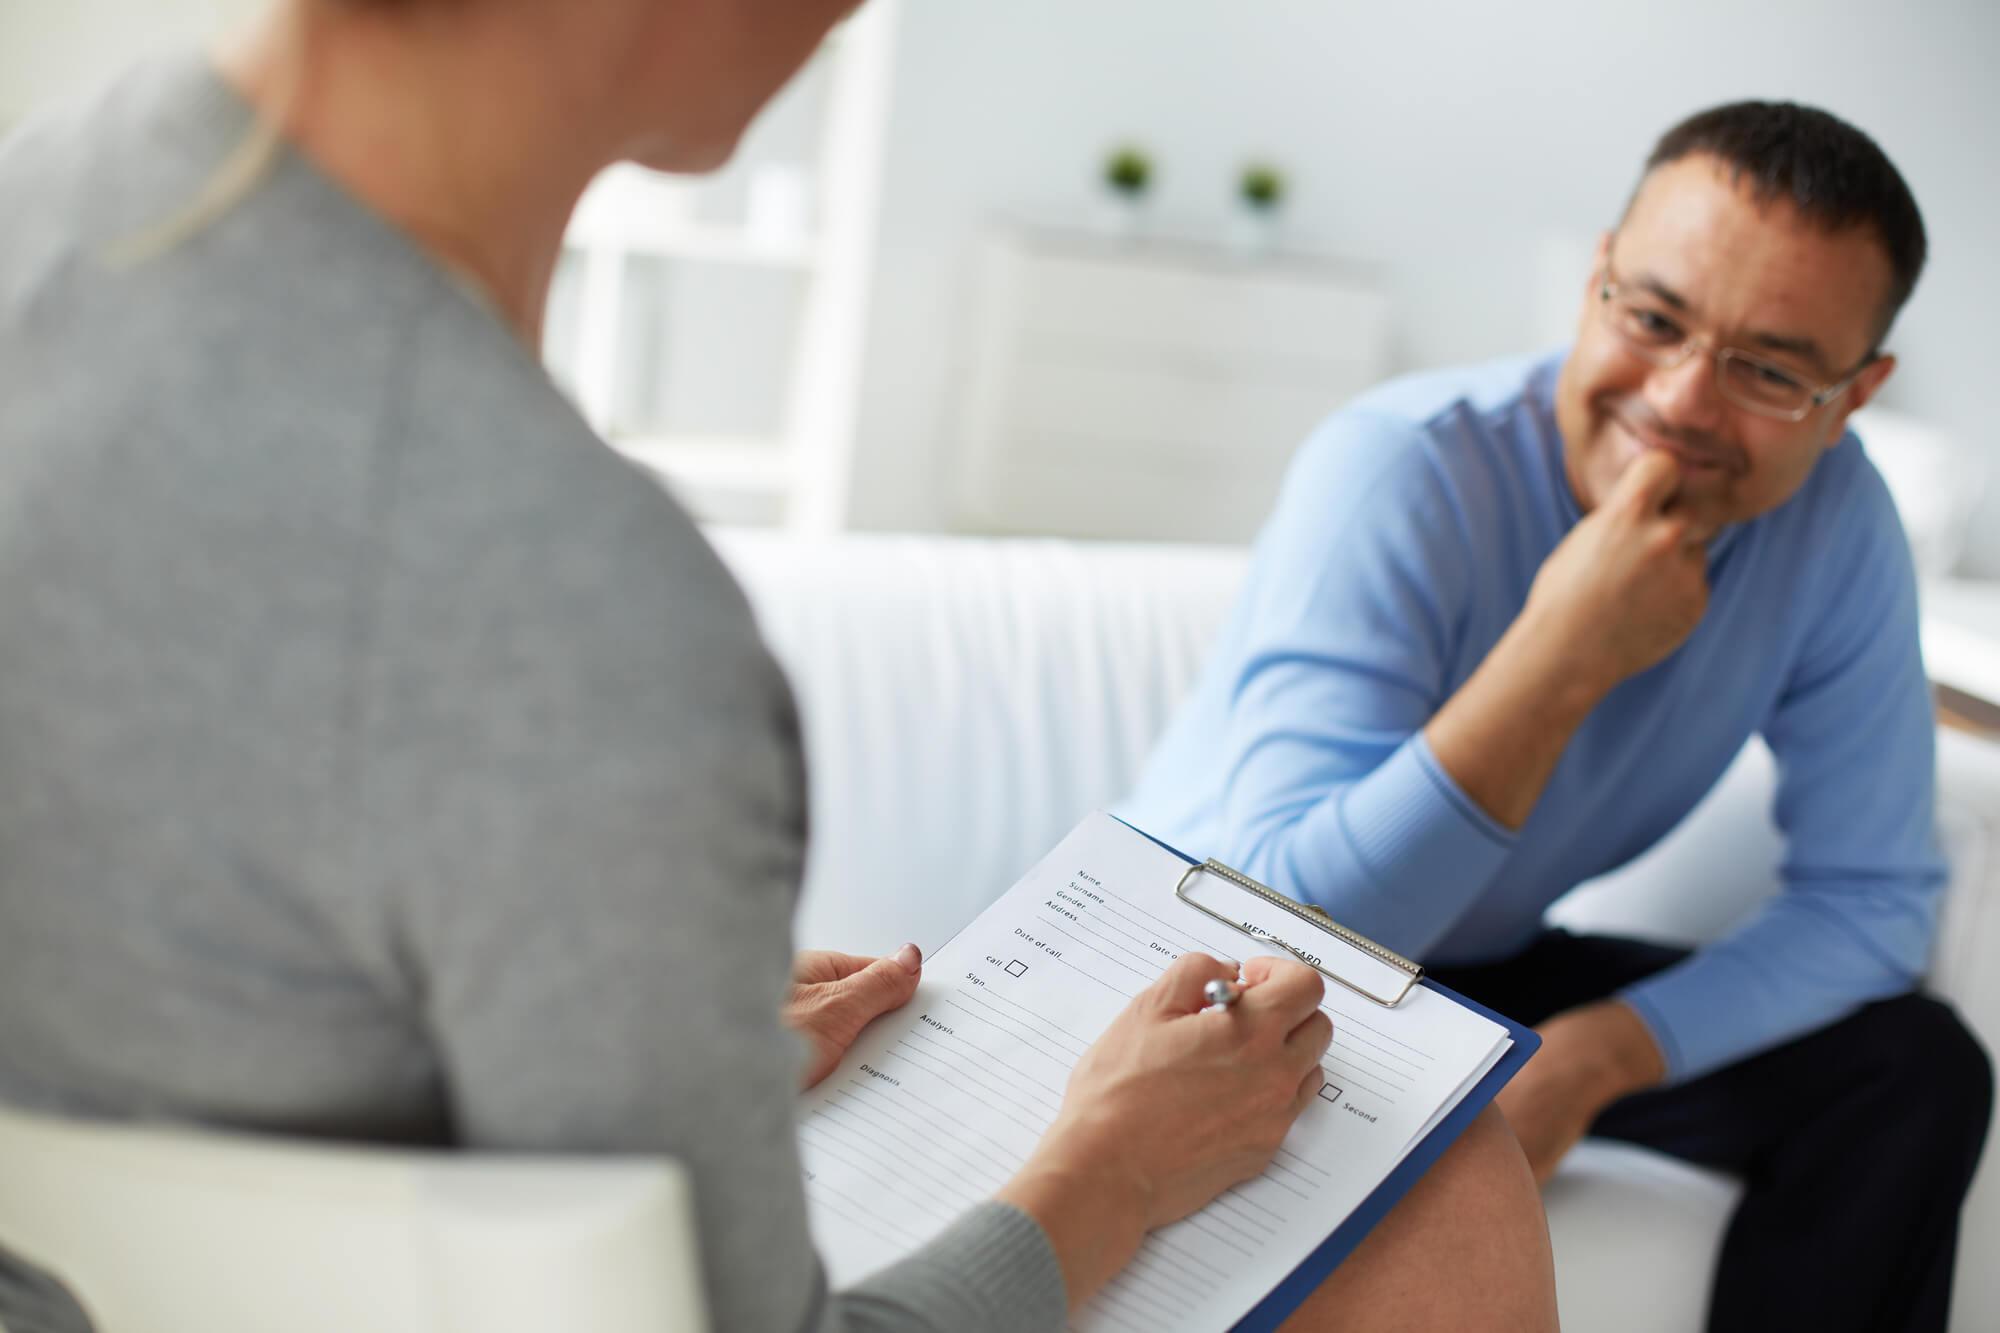 5 pruebas psicológicas más comunes